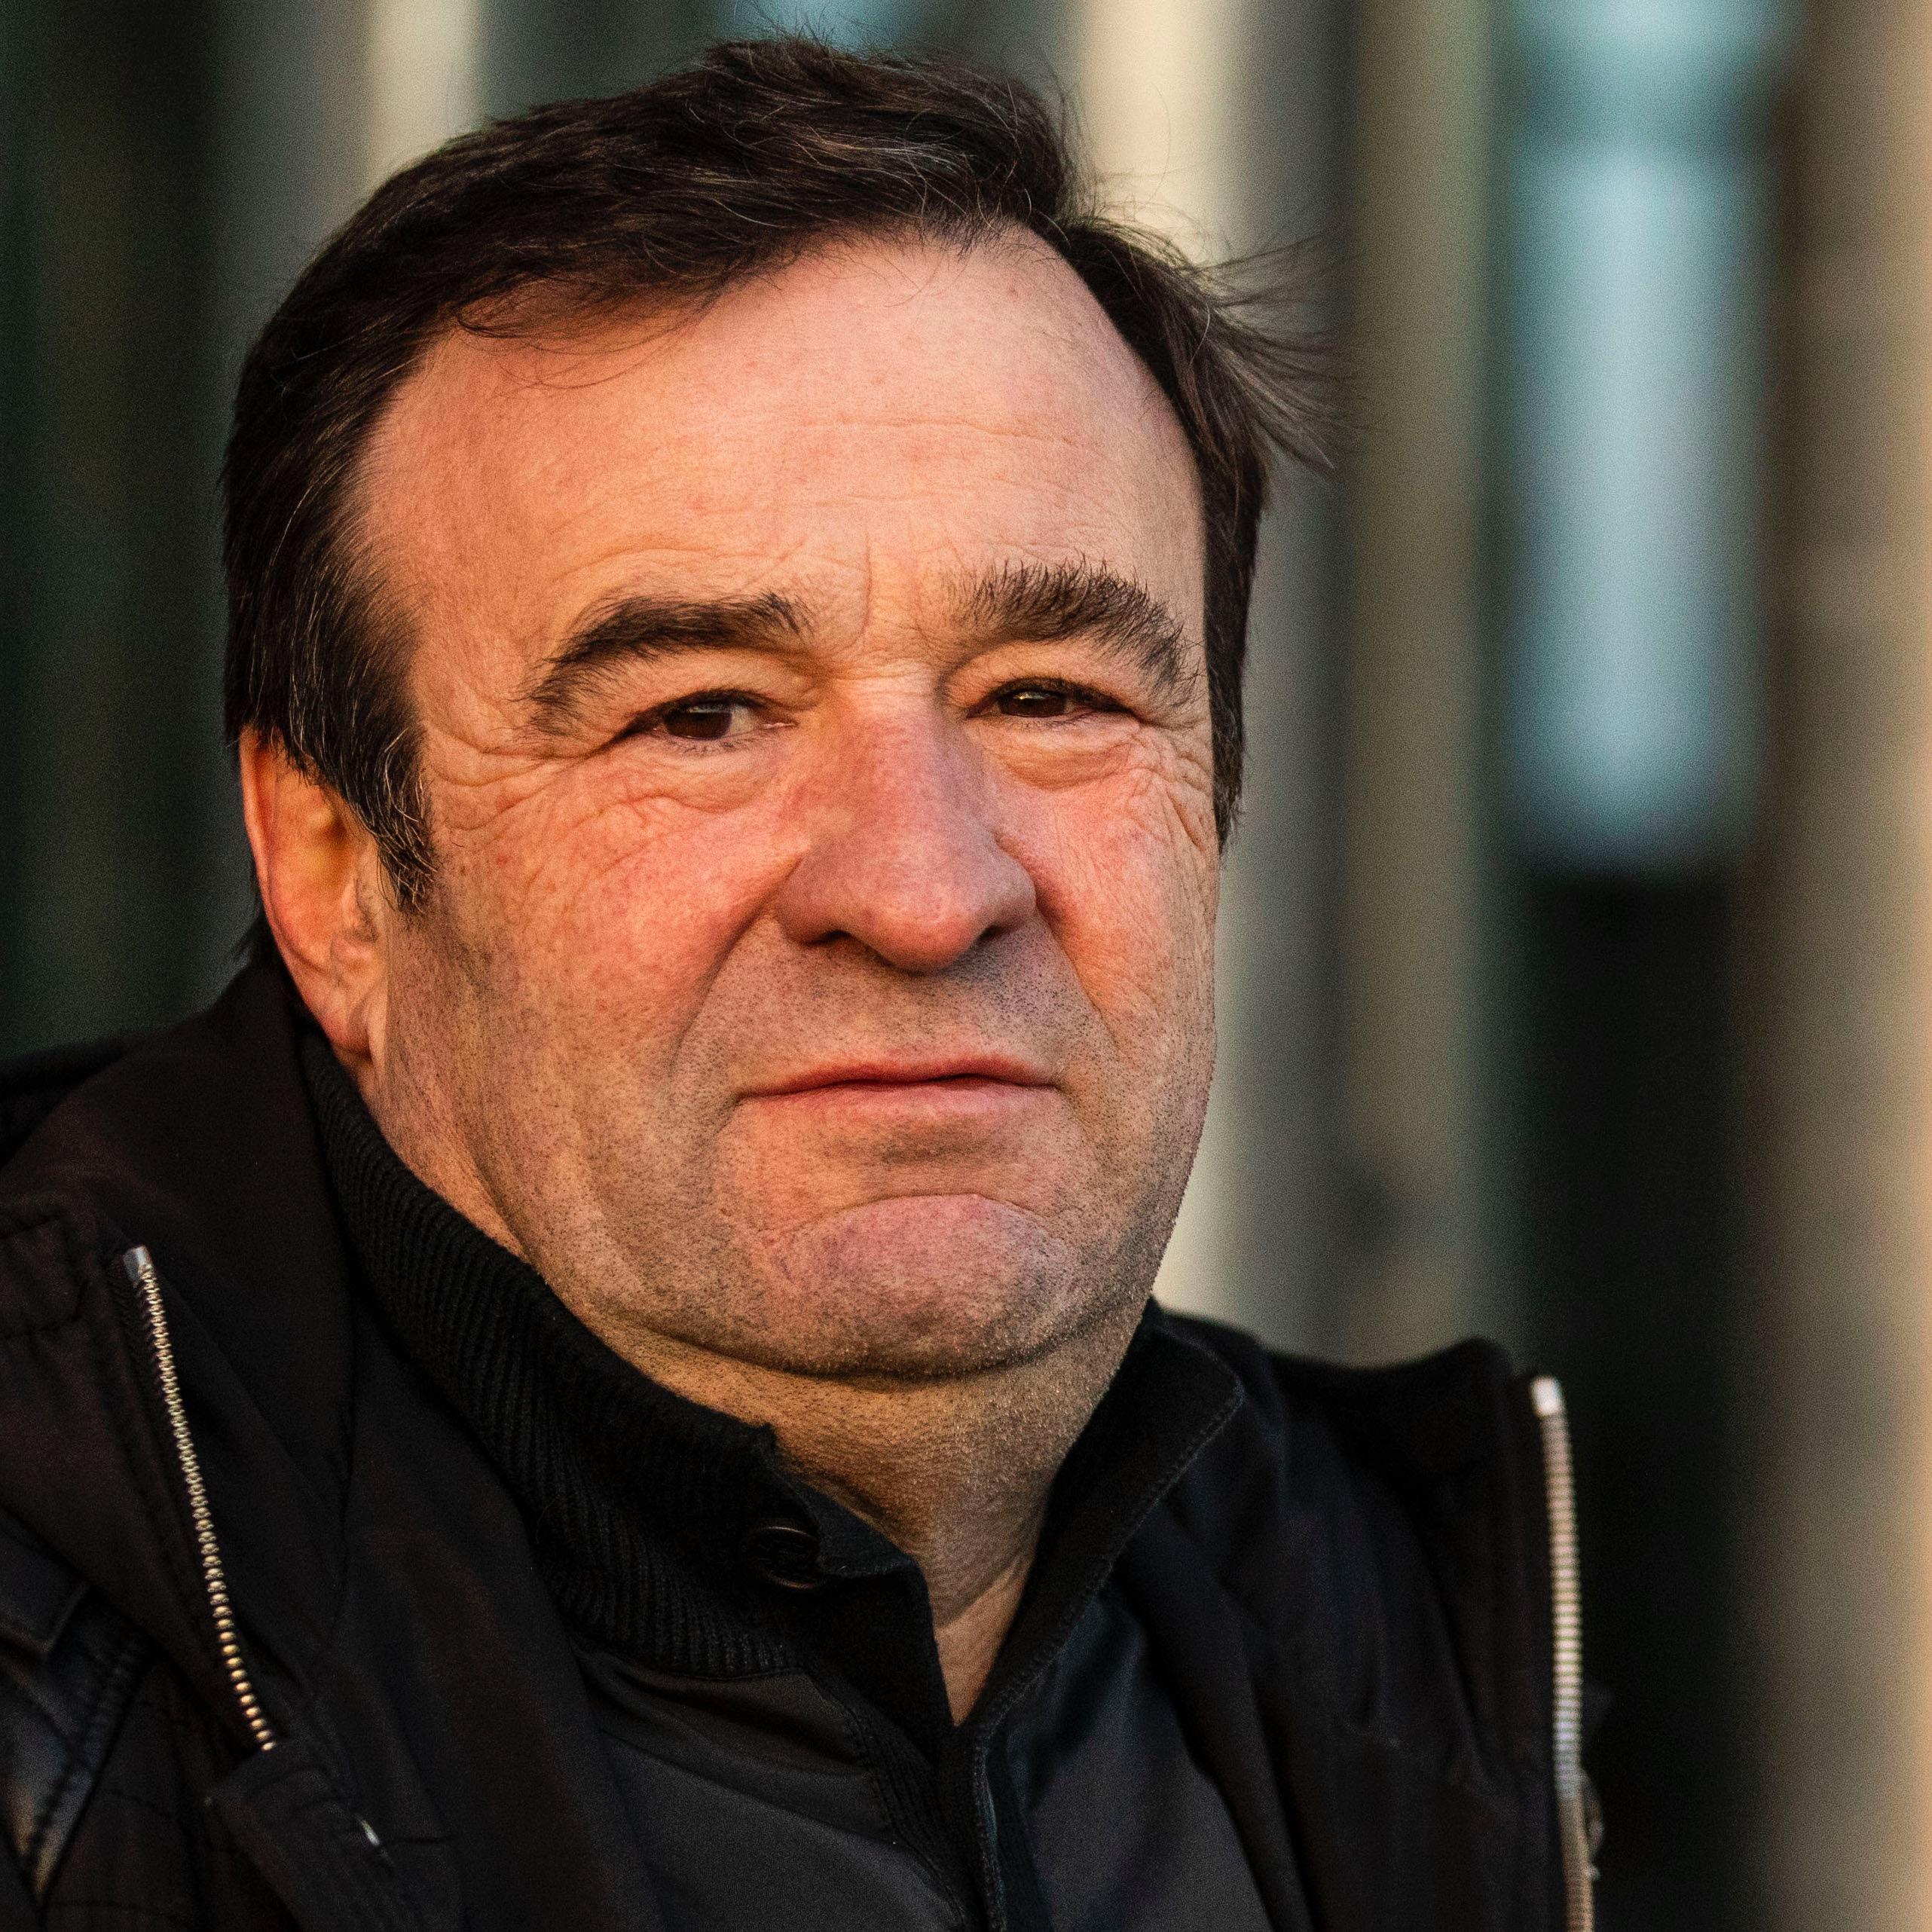 #65 - CRÉATEUR D'UN ZOO-REFUGE - Patrick VIOLAS : rendre après avoir réussi